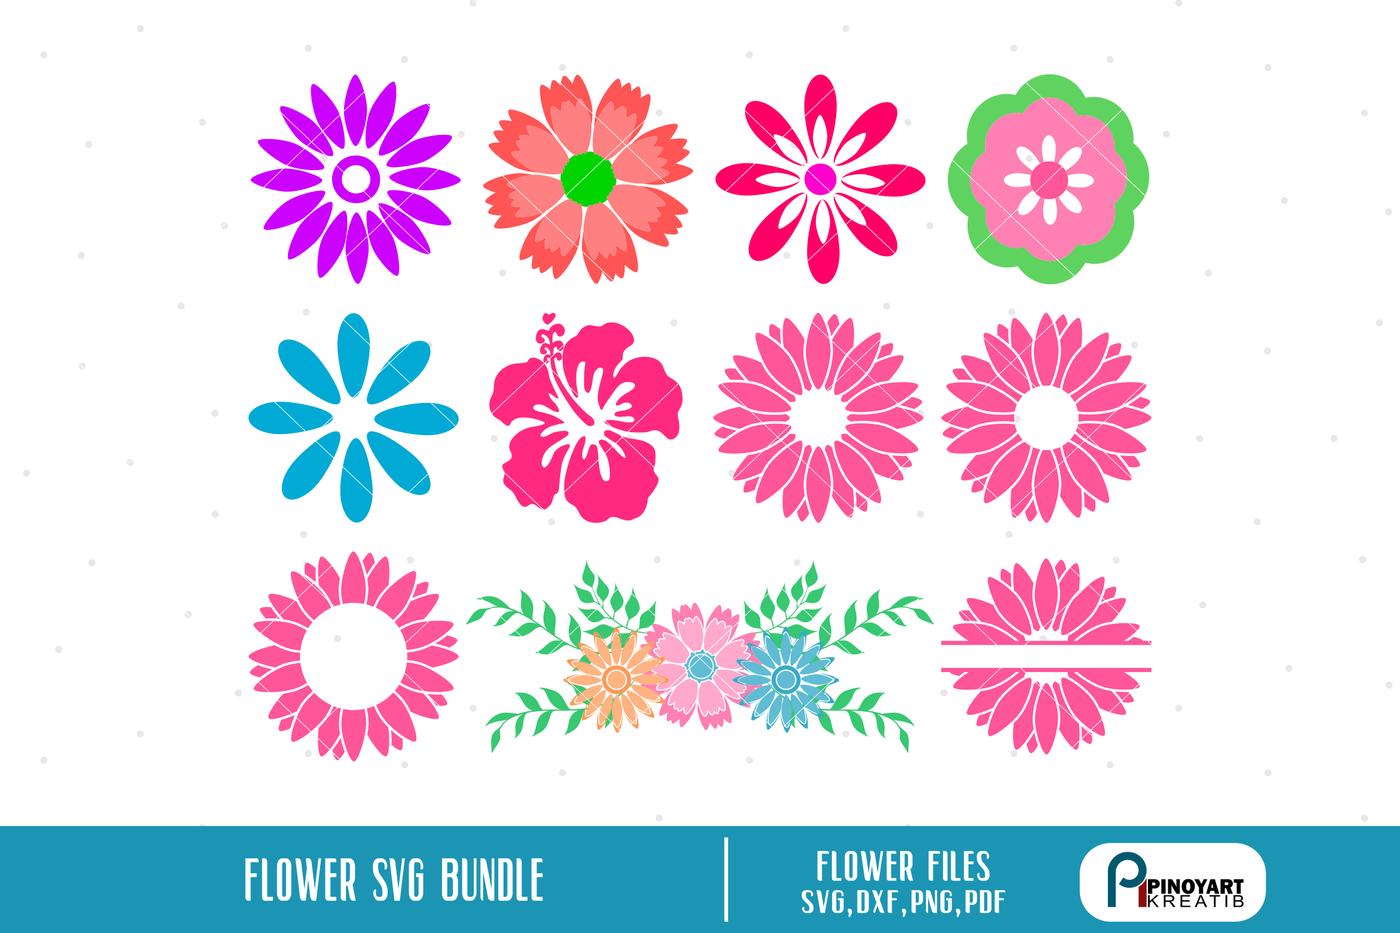 Flower Svg Flower Svg File Flower Svg Floral Svg Flower Floral Svg